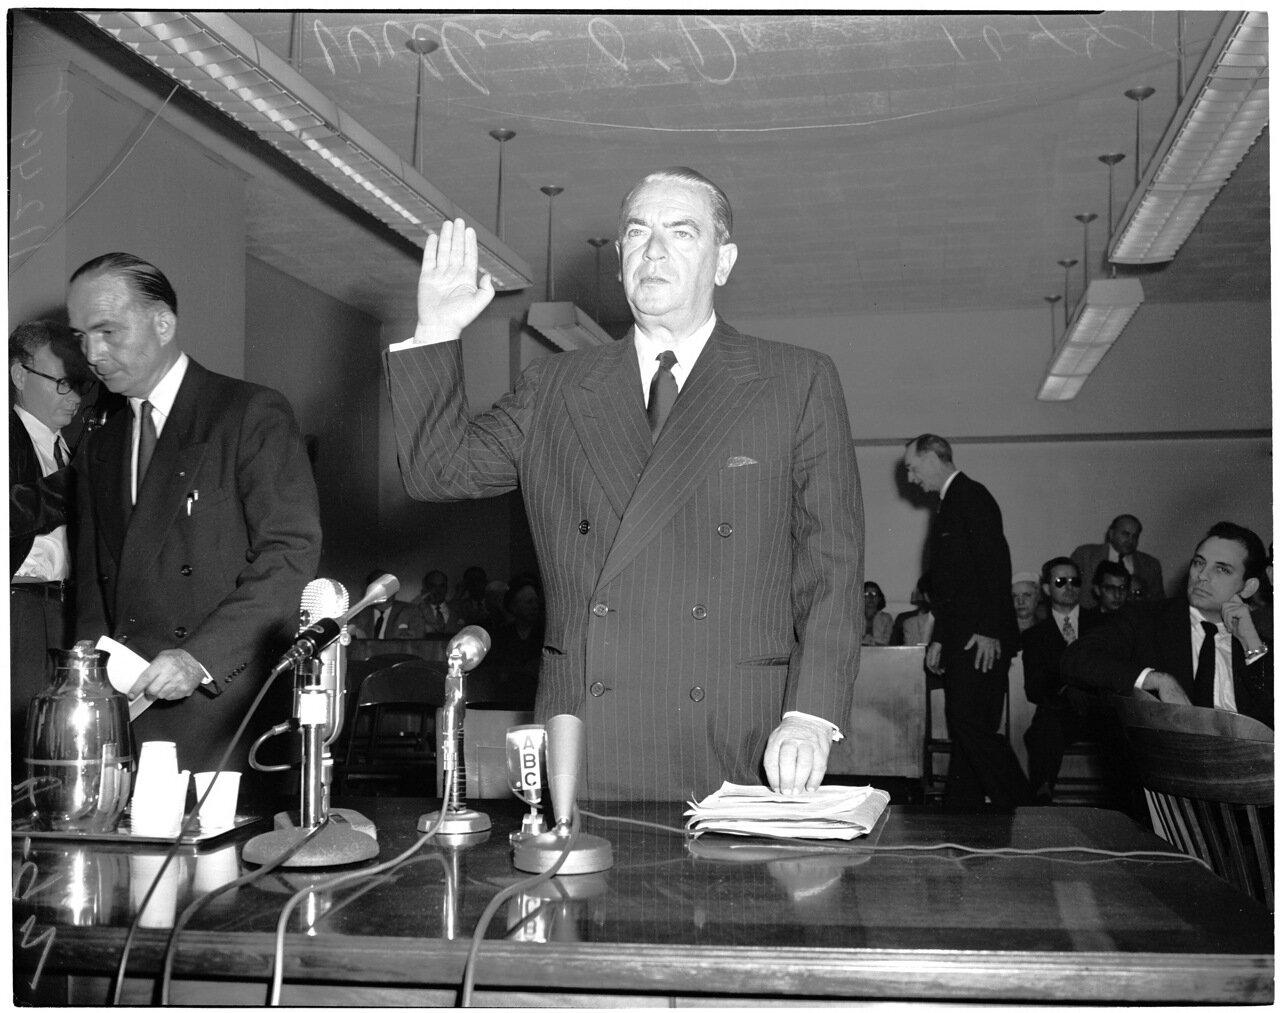 1954.14 октября. Комиссия по расследованию антиамериканской деятельности. Дает показания Уильям О'Двайер